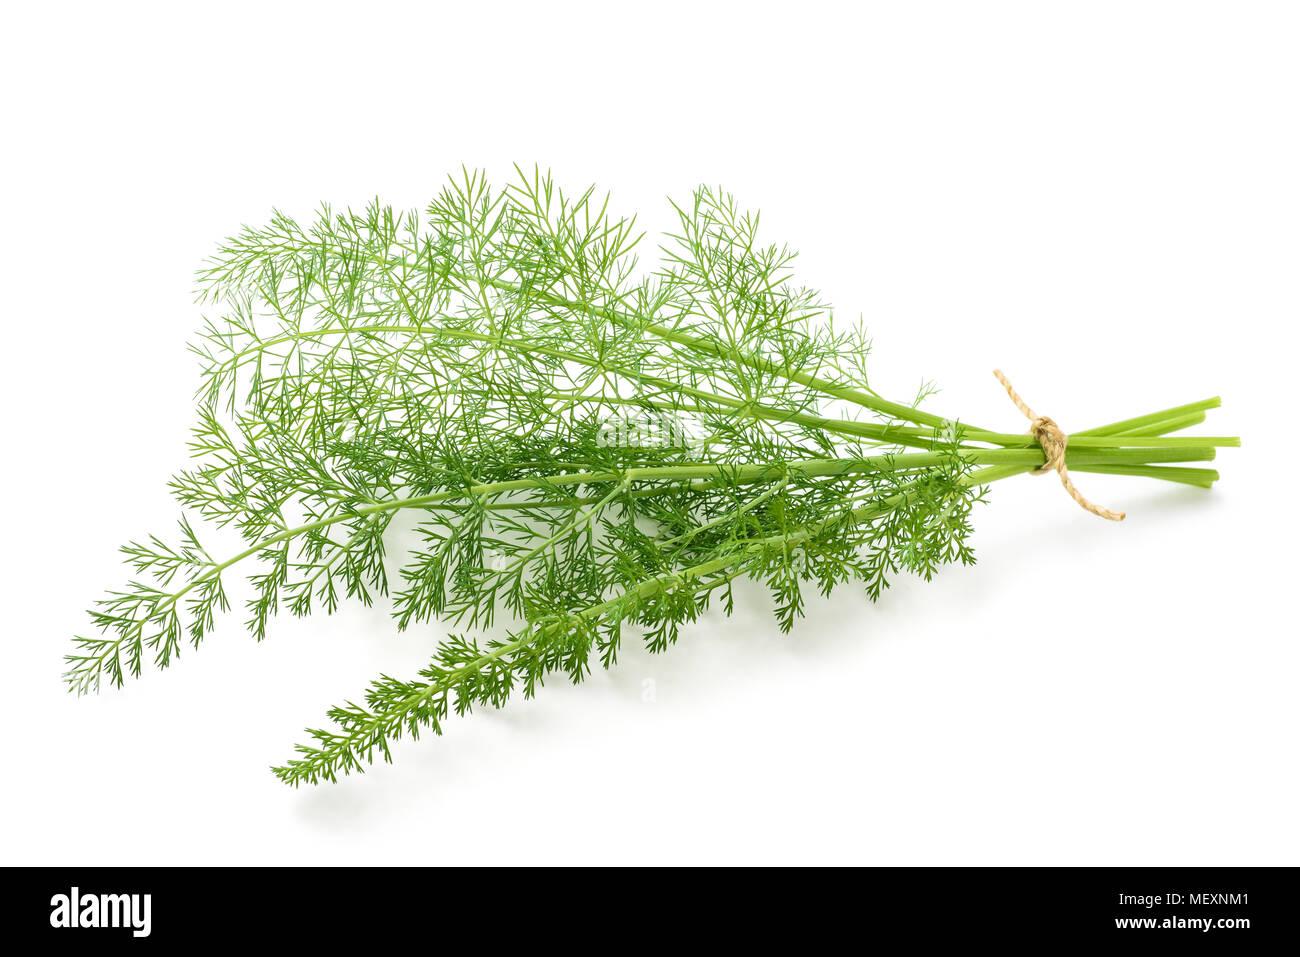 Bouquet de fenouil sauvage isolé sur fond blanc Photo Stock